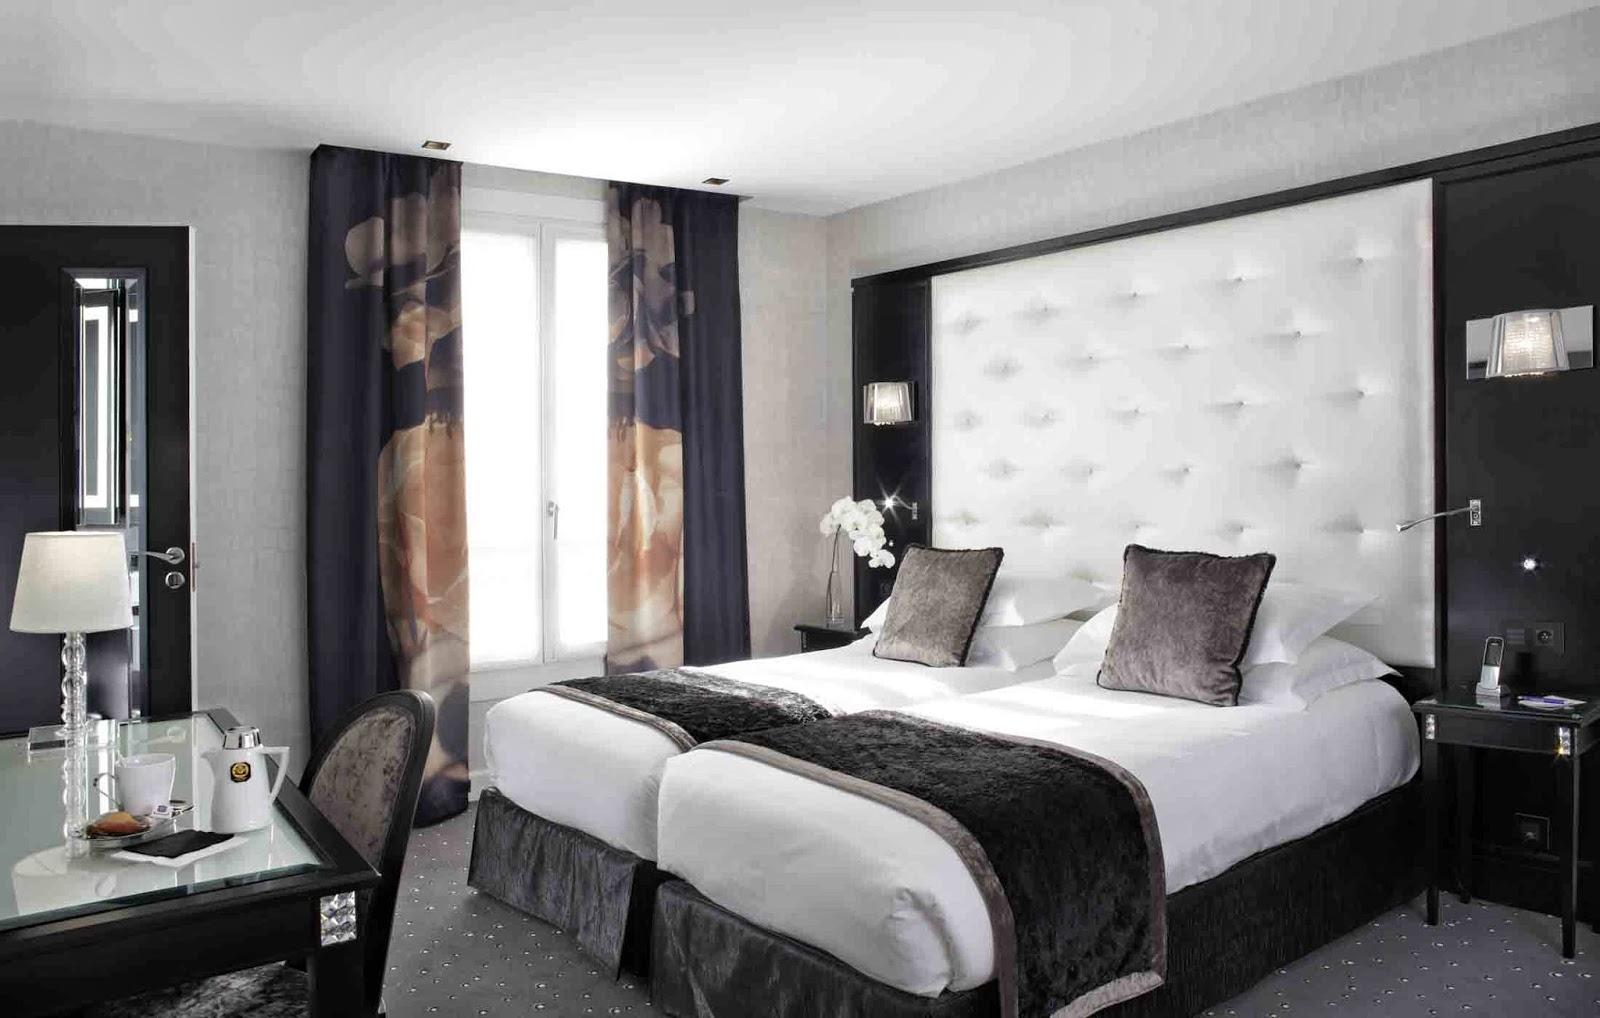 decoration une chambre a coucher - Comment Decorer Une Chambre A Coucher Adulte